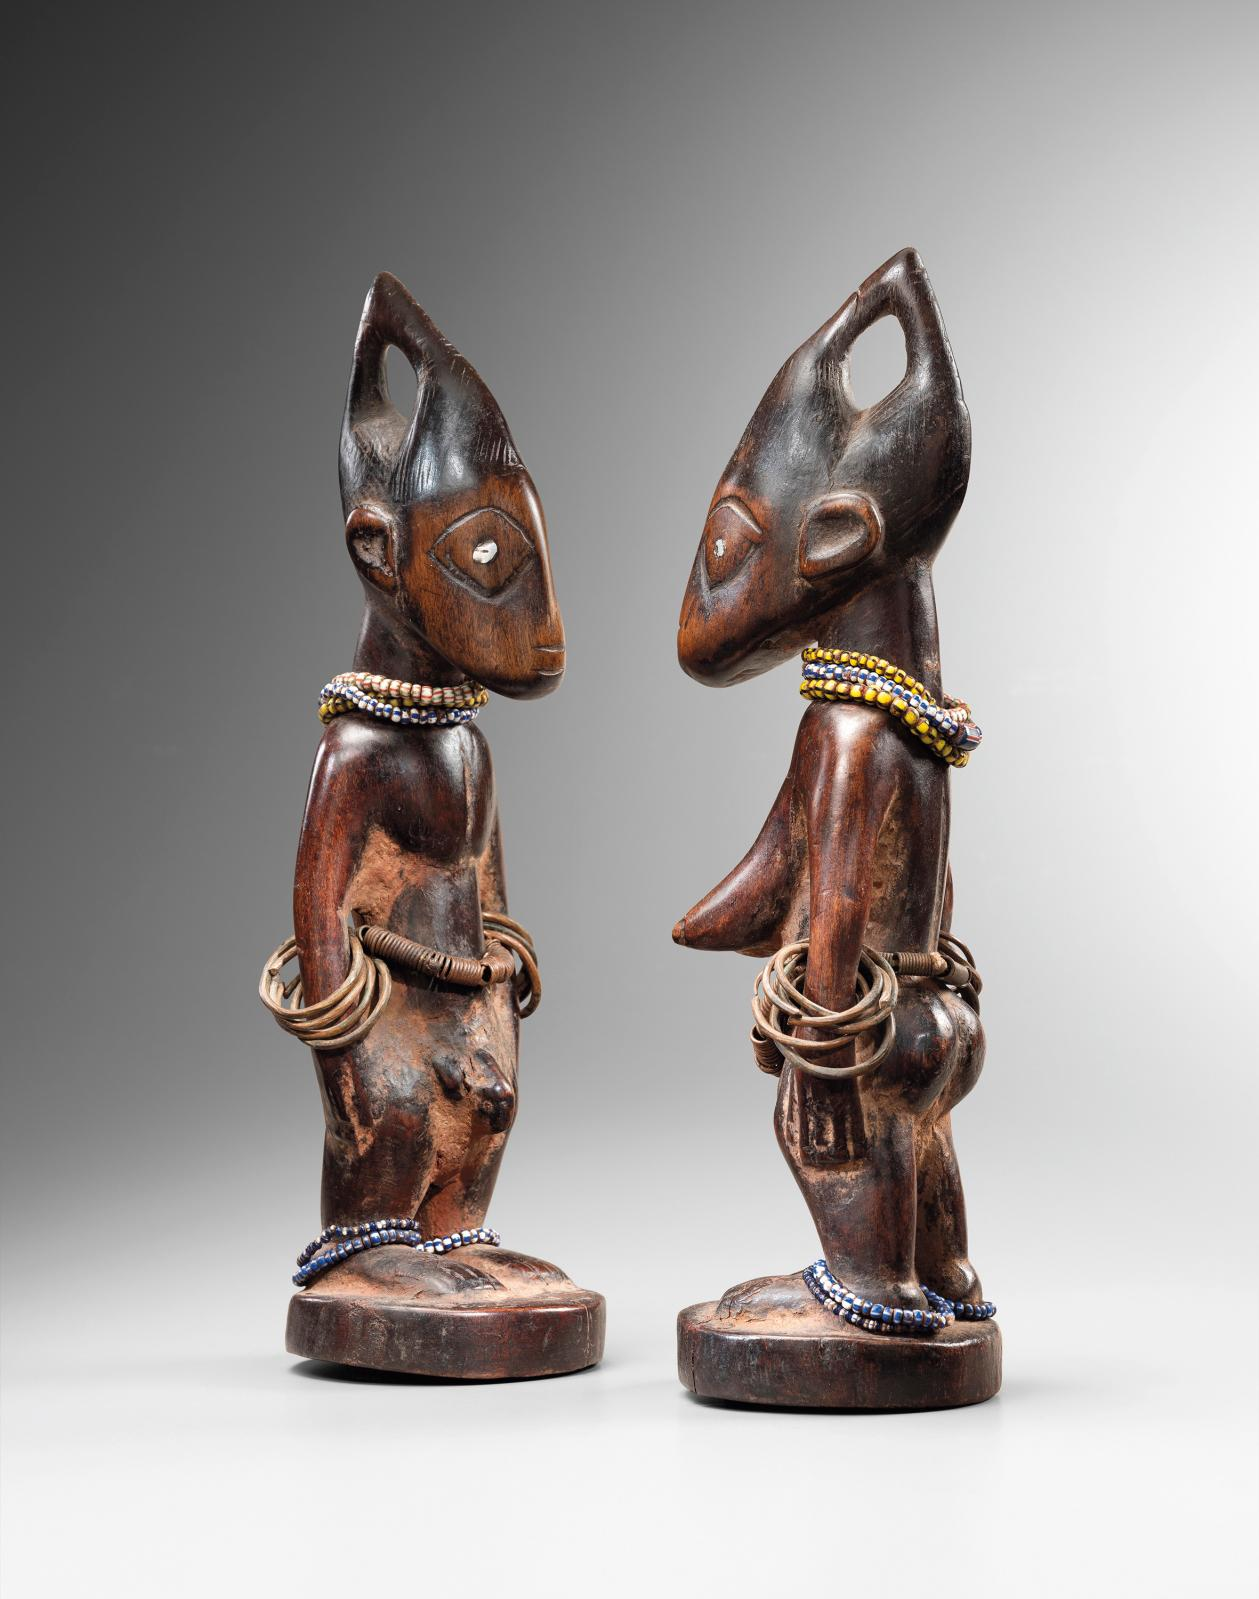 Figures ibéji du Nigeria, bois, perles, métal,h. 29 et 28,5cm. Galerie Didier Claes. Courtesy Galerie Didier Claes Photo Frédéric Dehaen